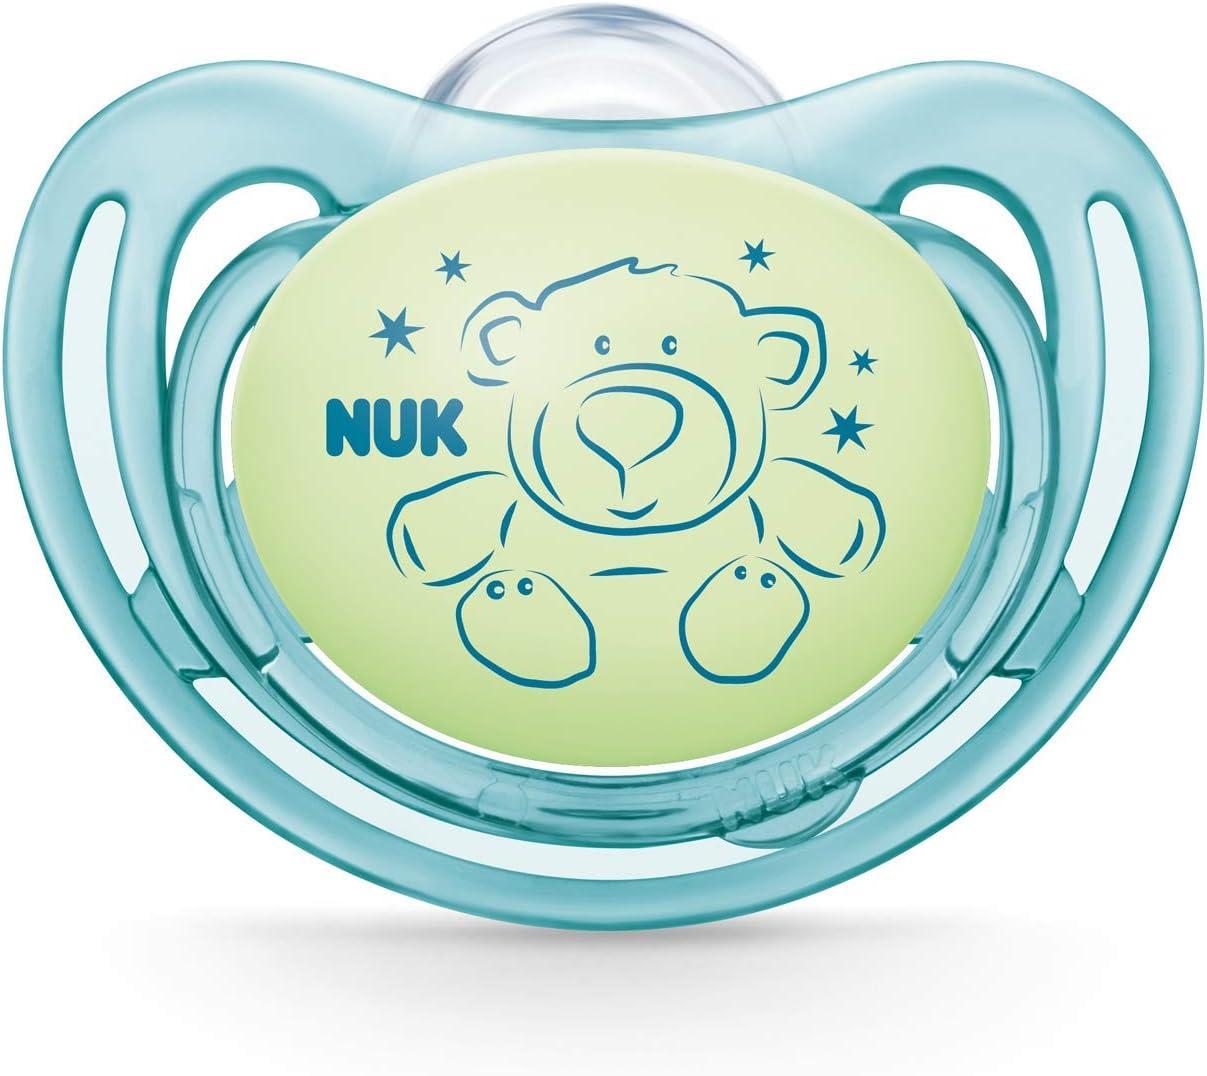 NUK 10175237 Freestyle Night Lot de 2 t/étines en silicone Vert et bleu 0-6 mois